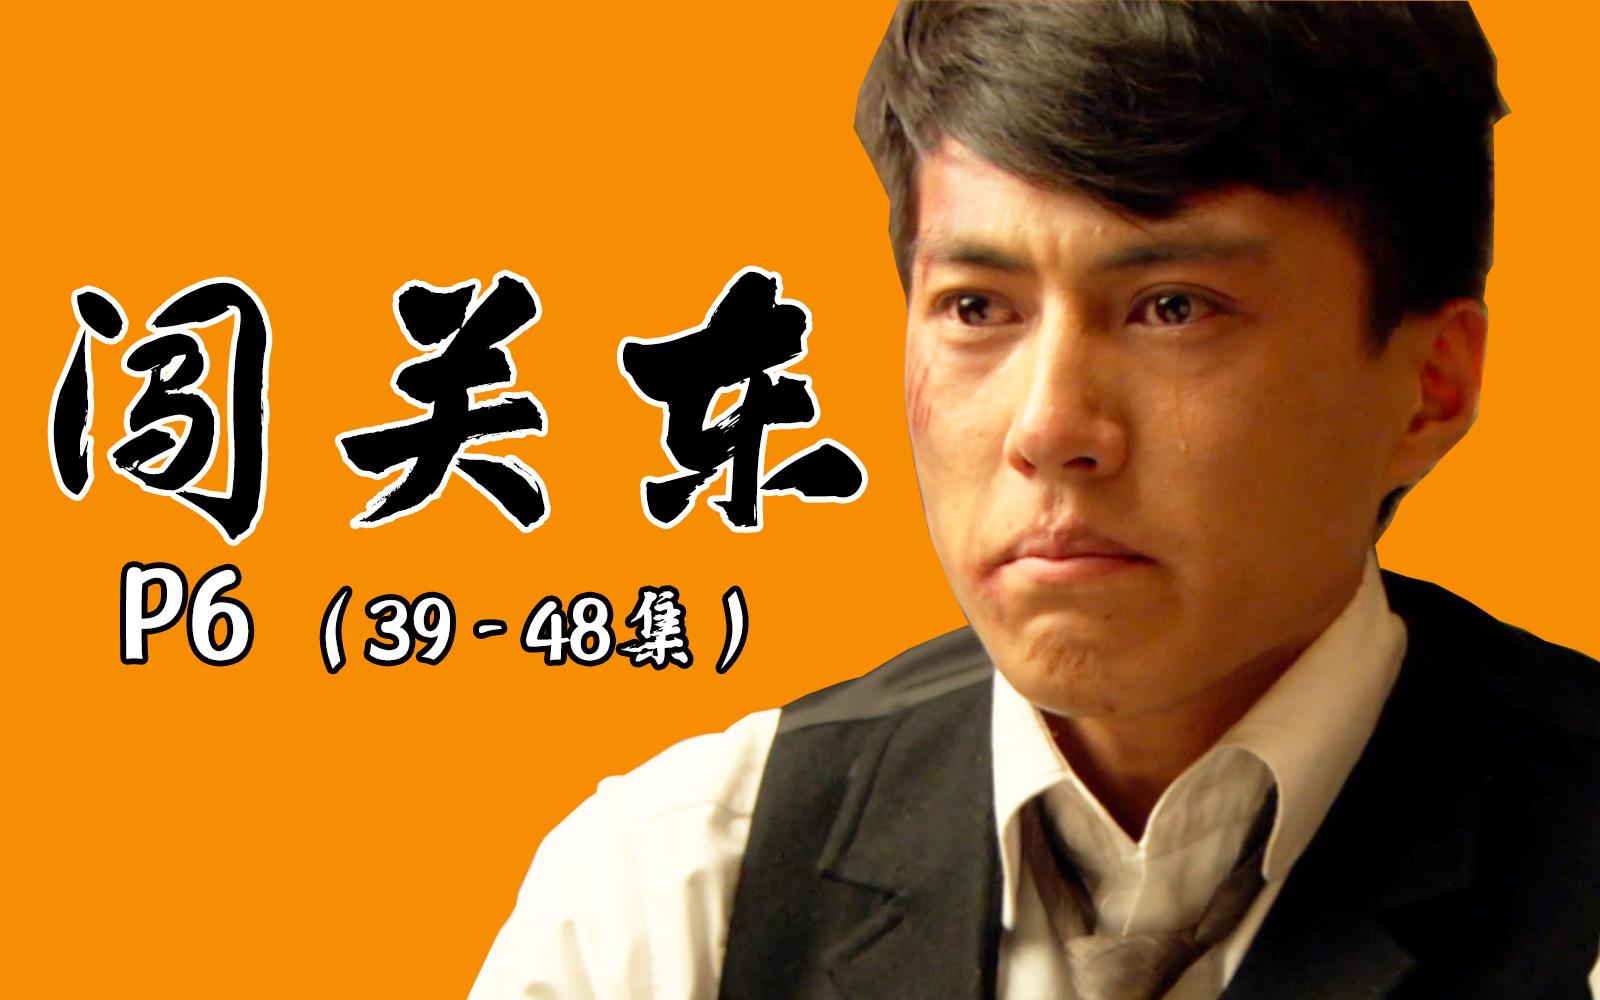 知恩图报朱传狼! 解读9.2分传奇国剧《闯关东》P6